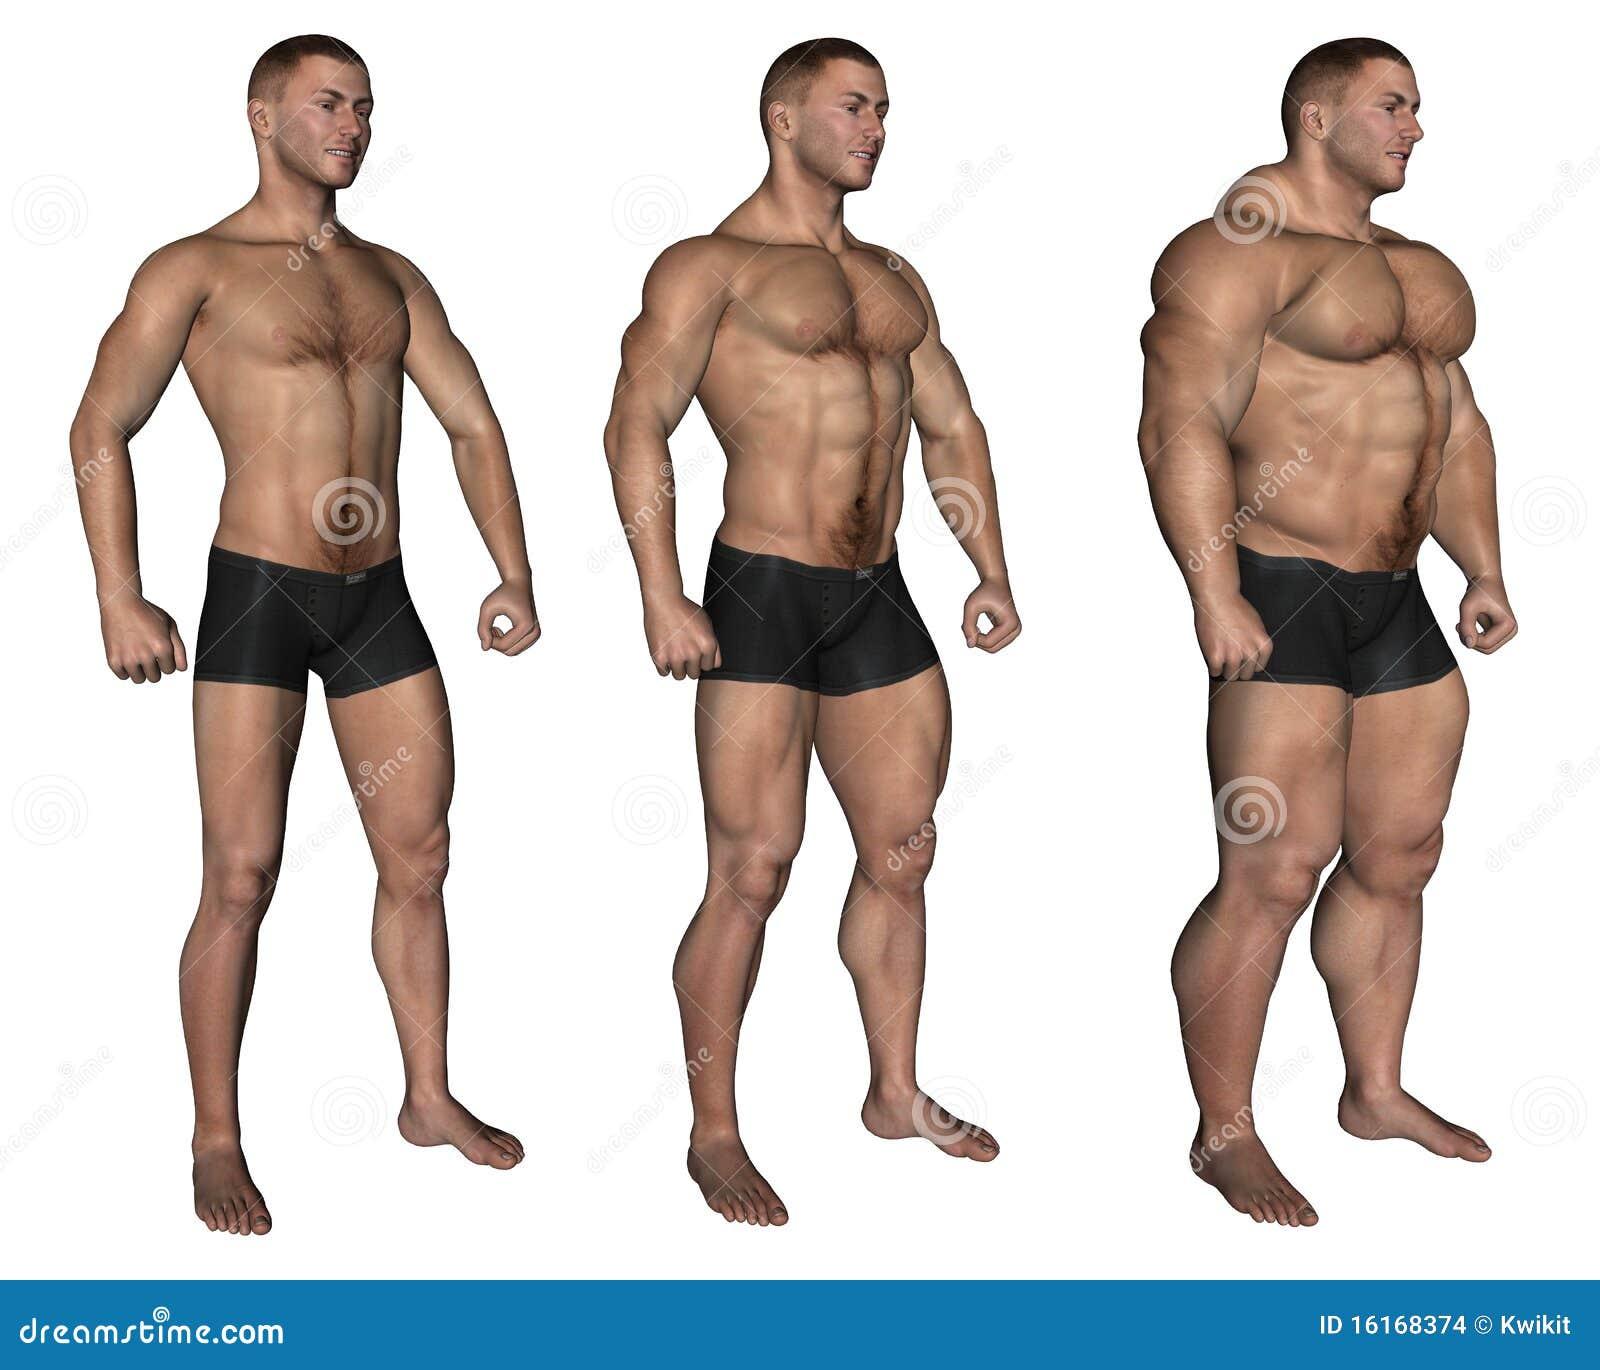 free mature men gay ecards